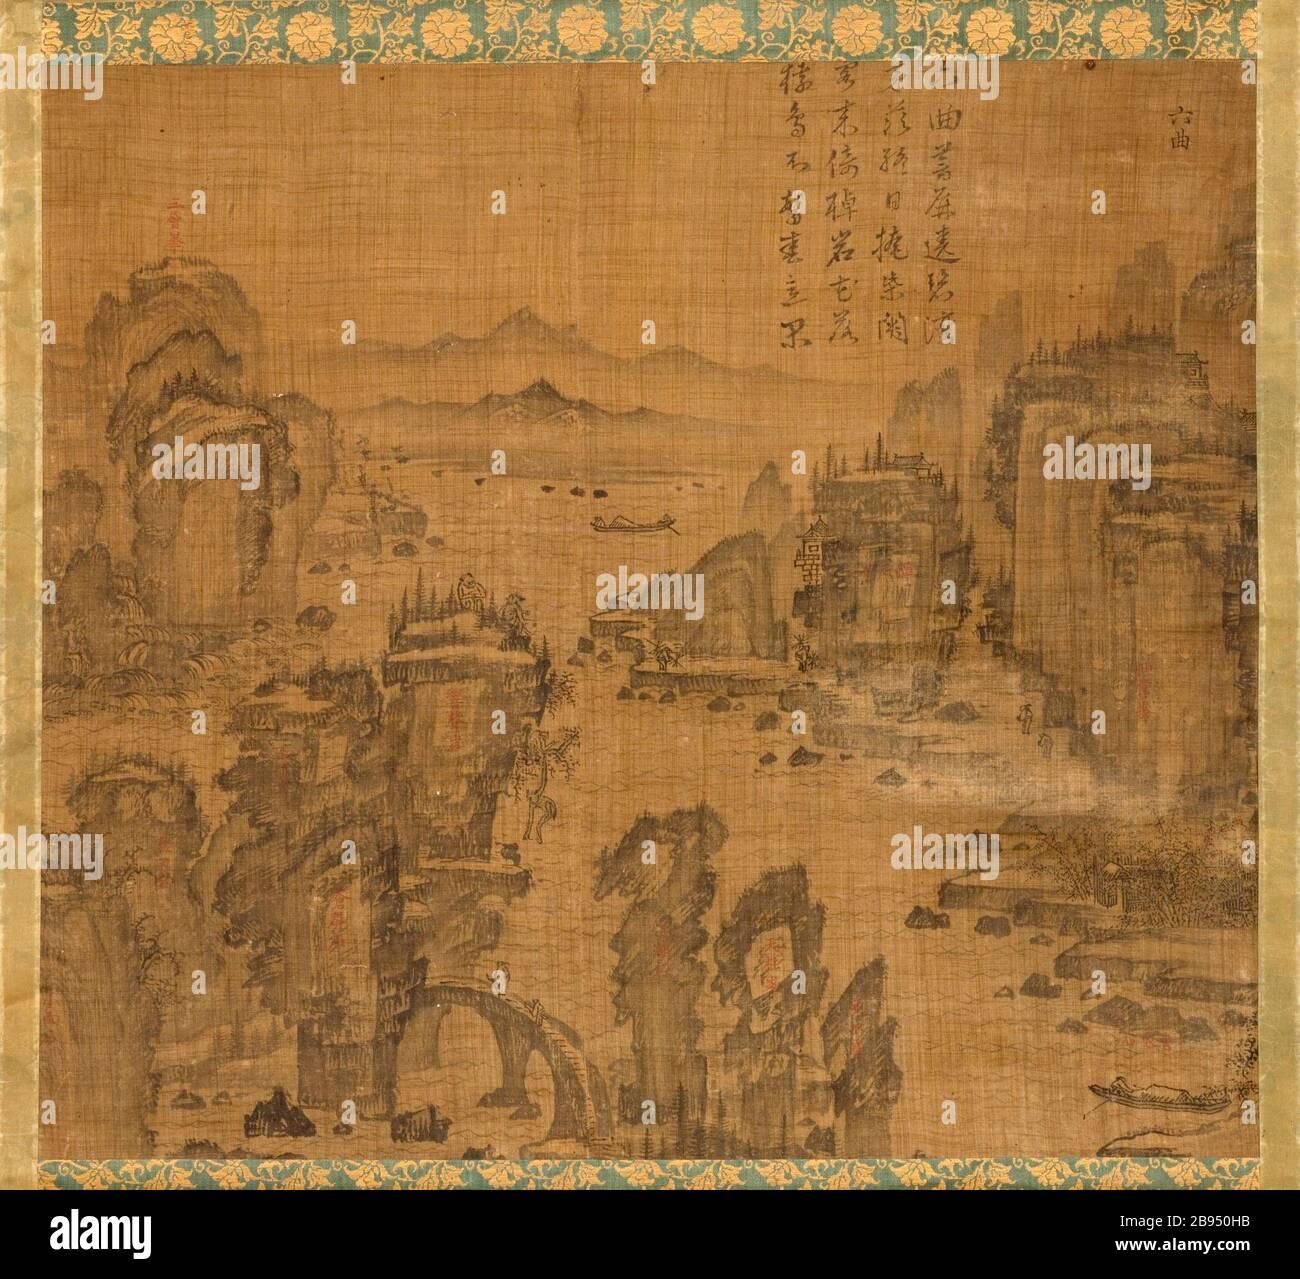 """""""Das Sechste der neun Biegungen am Mount Wuyi, China (Bild 1 von 5); Englisch: Korea, Koreanisch, Joseon Dynastie (1392-1910), aus dem 17. Jahrhundert Gemälde Hängerolle, Tusche auf Ramie oder Hanf Bild: 20 3/4 x 23 1/8 in. (52,71 x 58,74 cm); Montage: 48 3/4 x 25 in. (123.83 x 63,5 cm); Rolle: 27 1/4 in. (69.22 cm) mit Museum Mittel (M. 2000.15.20) koreanischer Kunst gekauft; 17. Jahrhundert Datum QS: P 571, +1650-00-00 T00:00:00Z/7;"""". Stockfoto"""